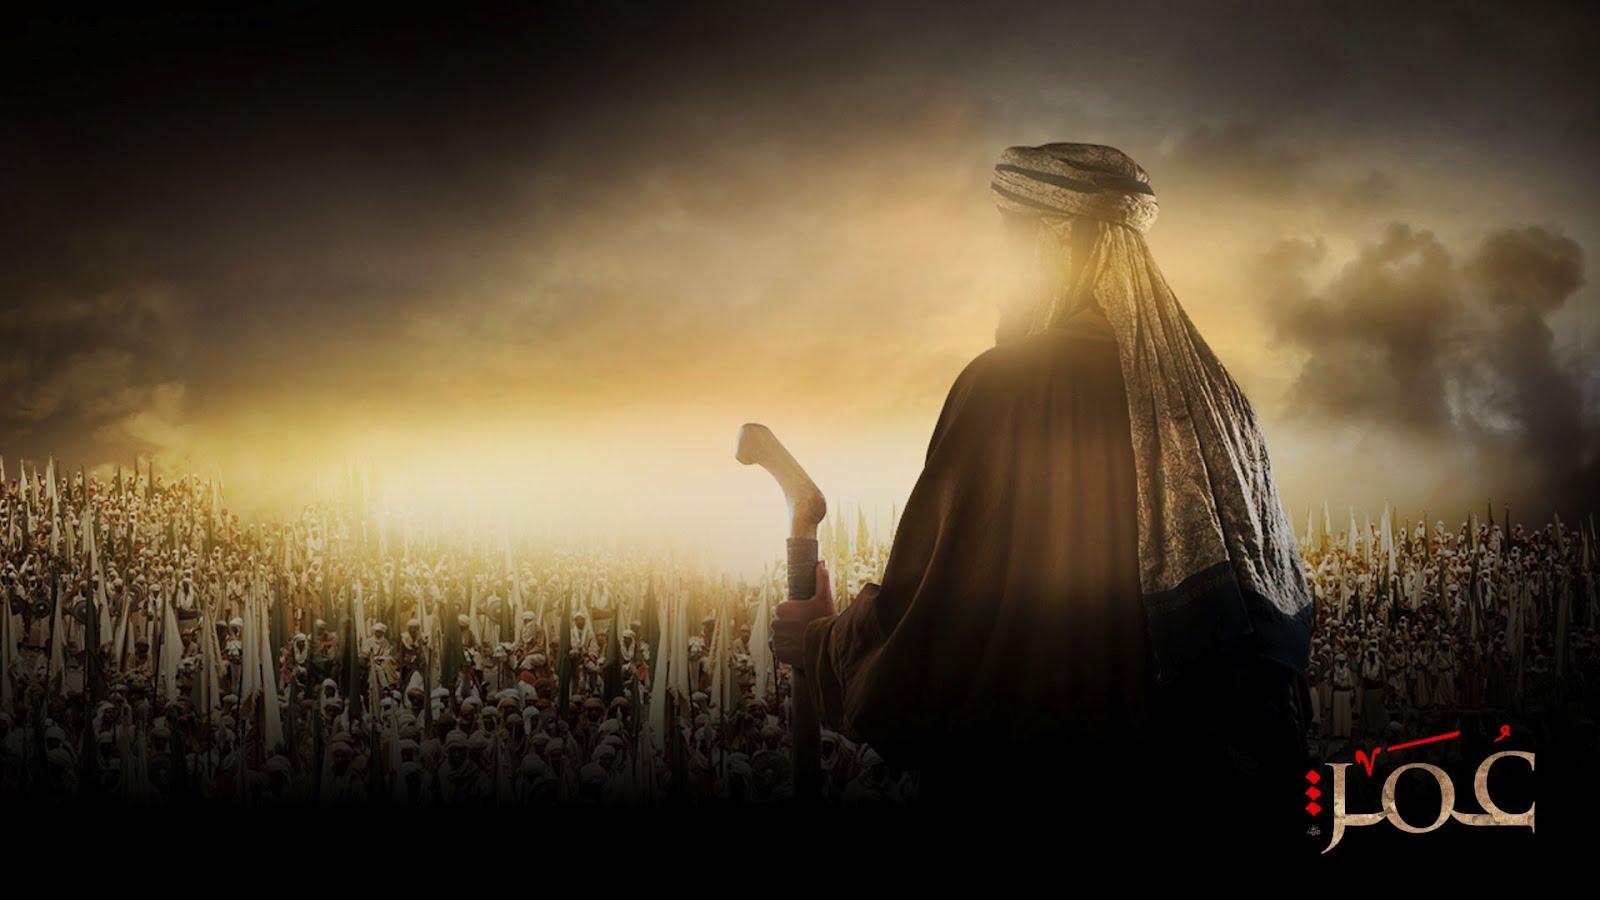 Gambar Illustrasi Umar Bin Khaththab